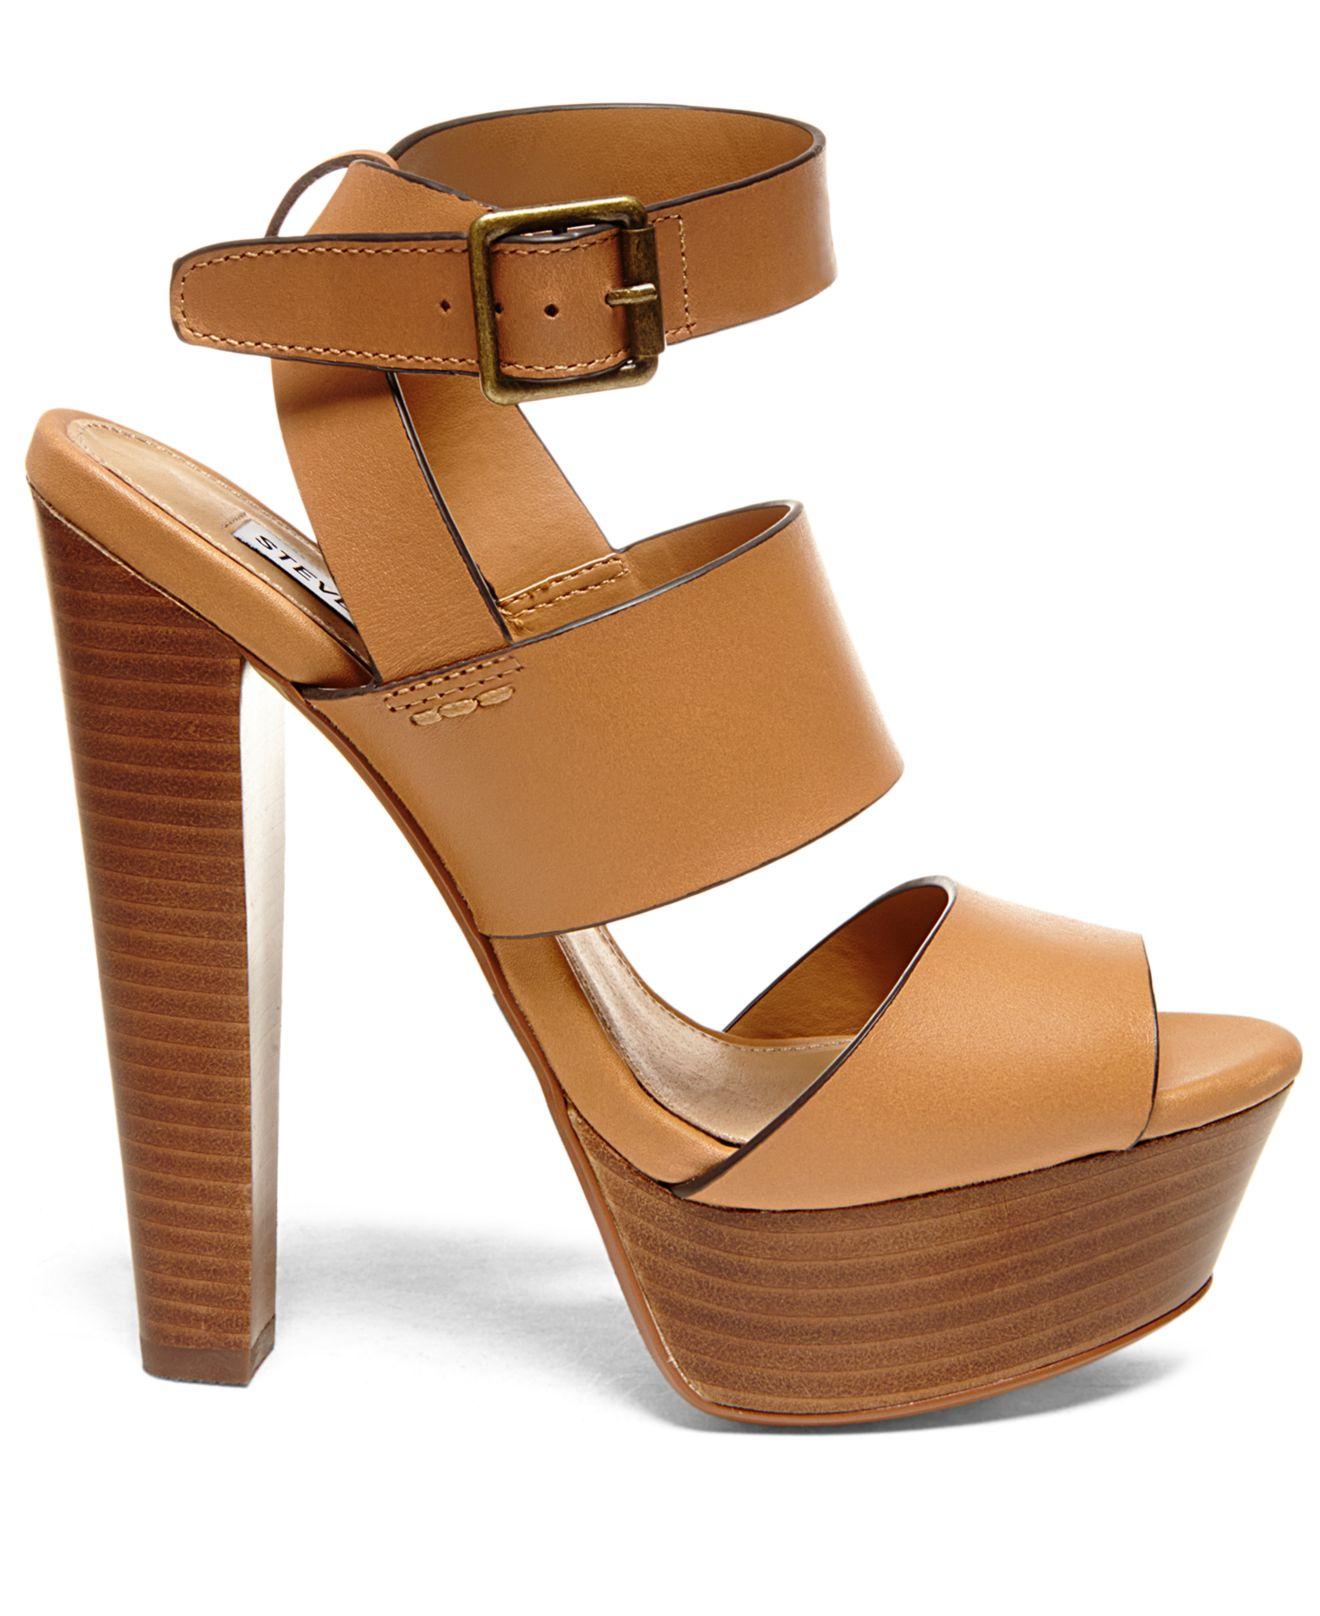 1c01201bed9 Lyst - Steve Madden Women s Dezzzy Platform Dress Sandals in Brown